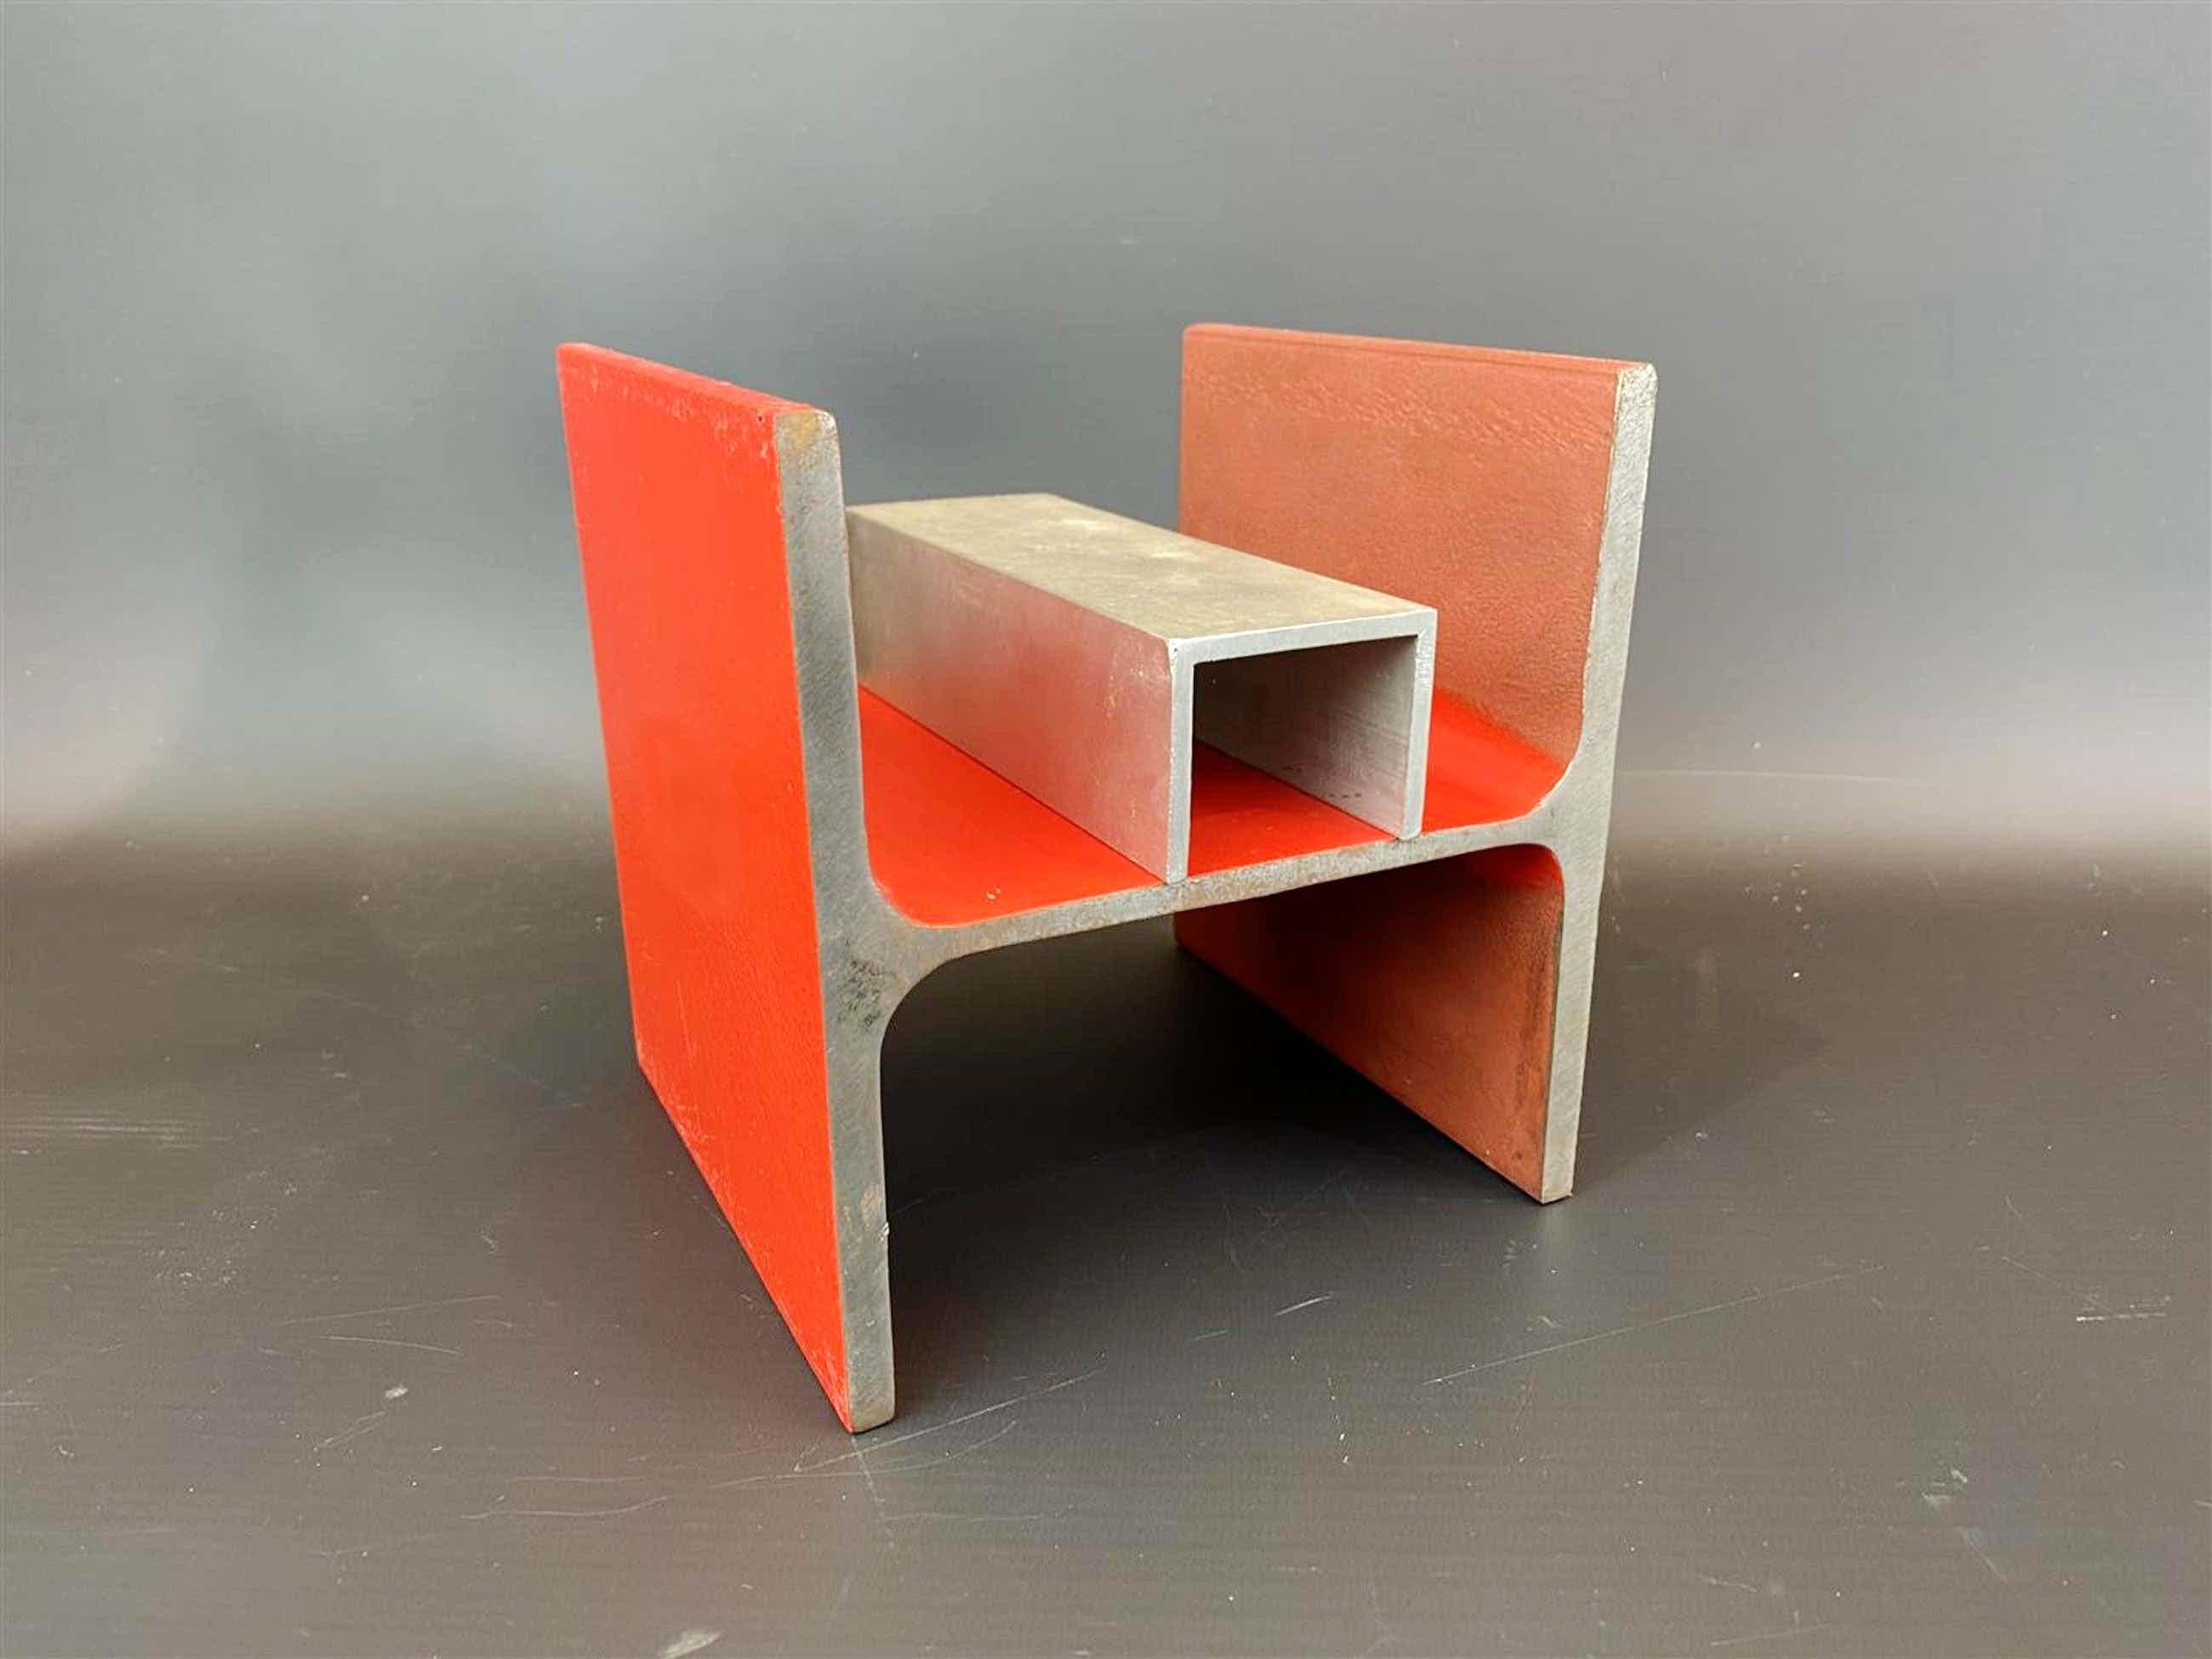 Piet Tuytel - Rood gelakte ijzeren en aluminium sculptuur - 2003 kopen? Bied vanaf 260!